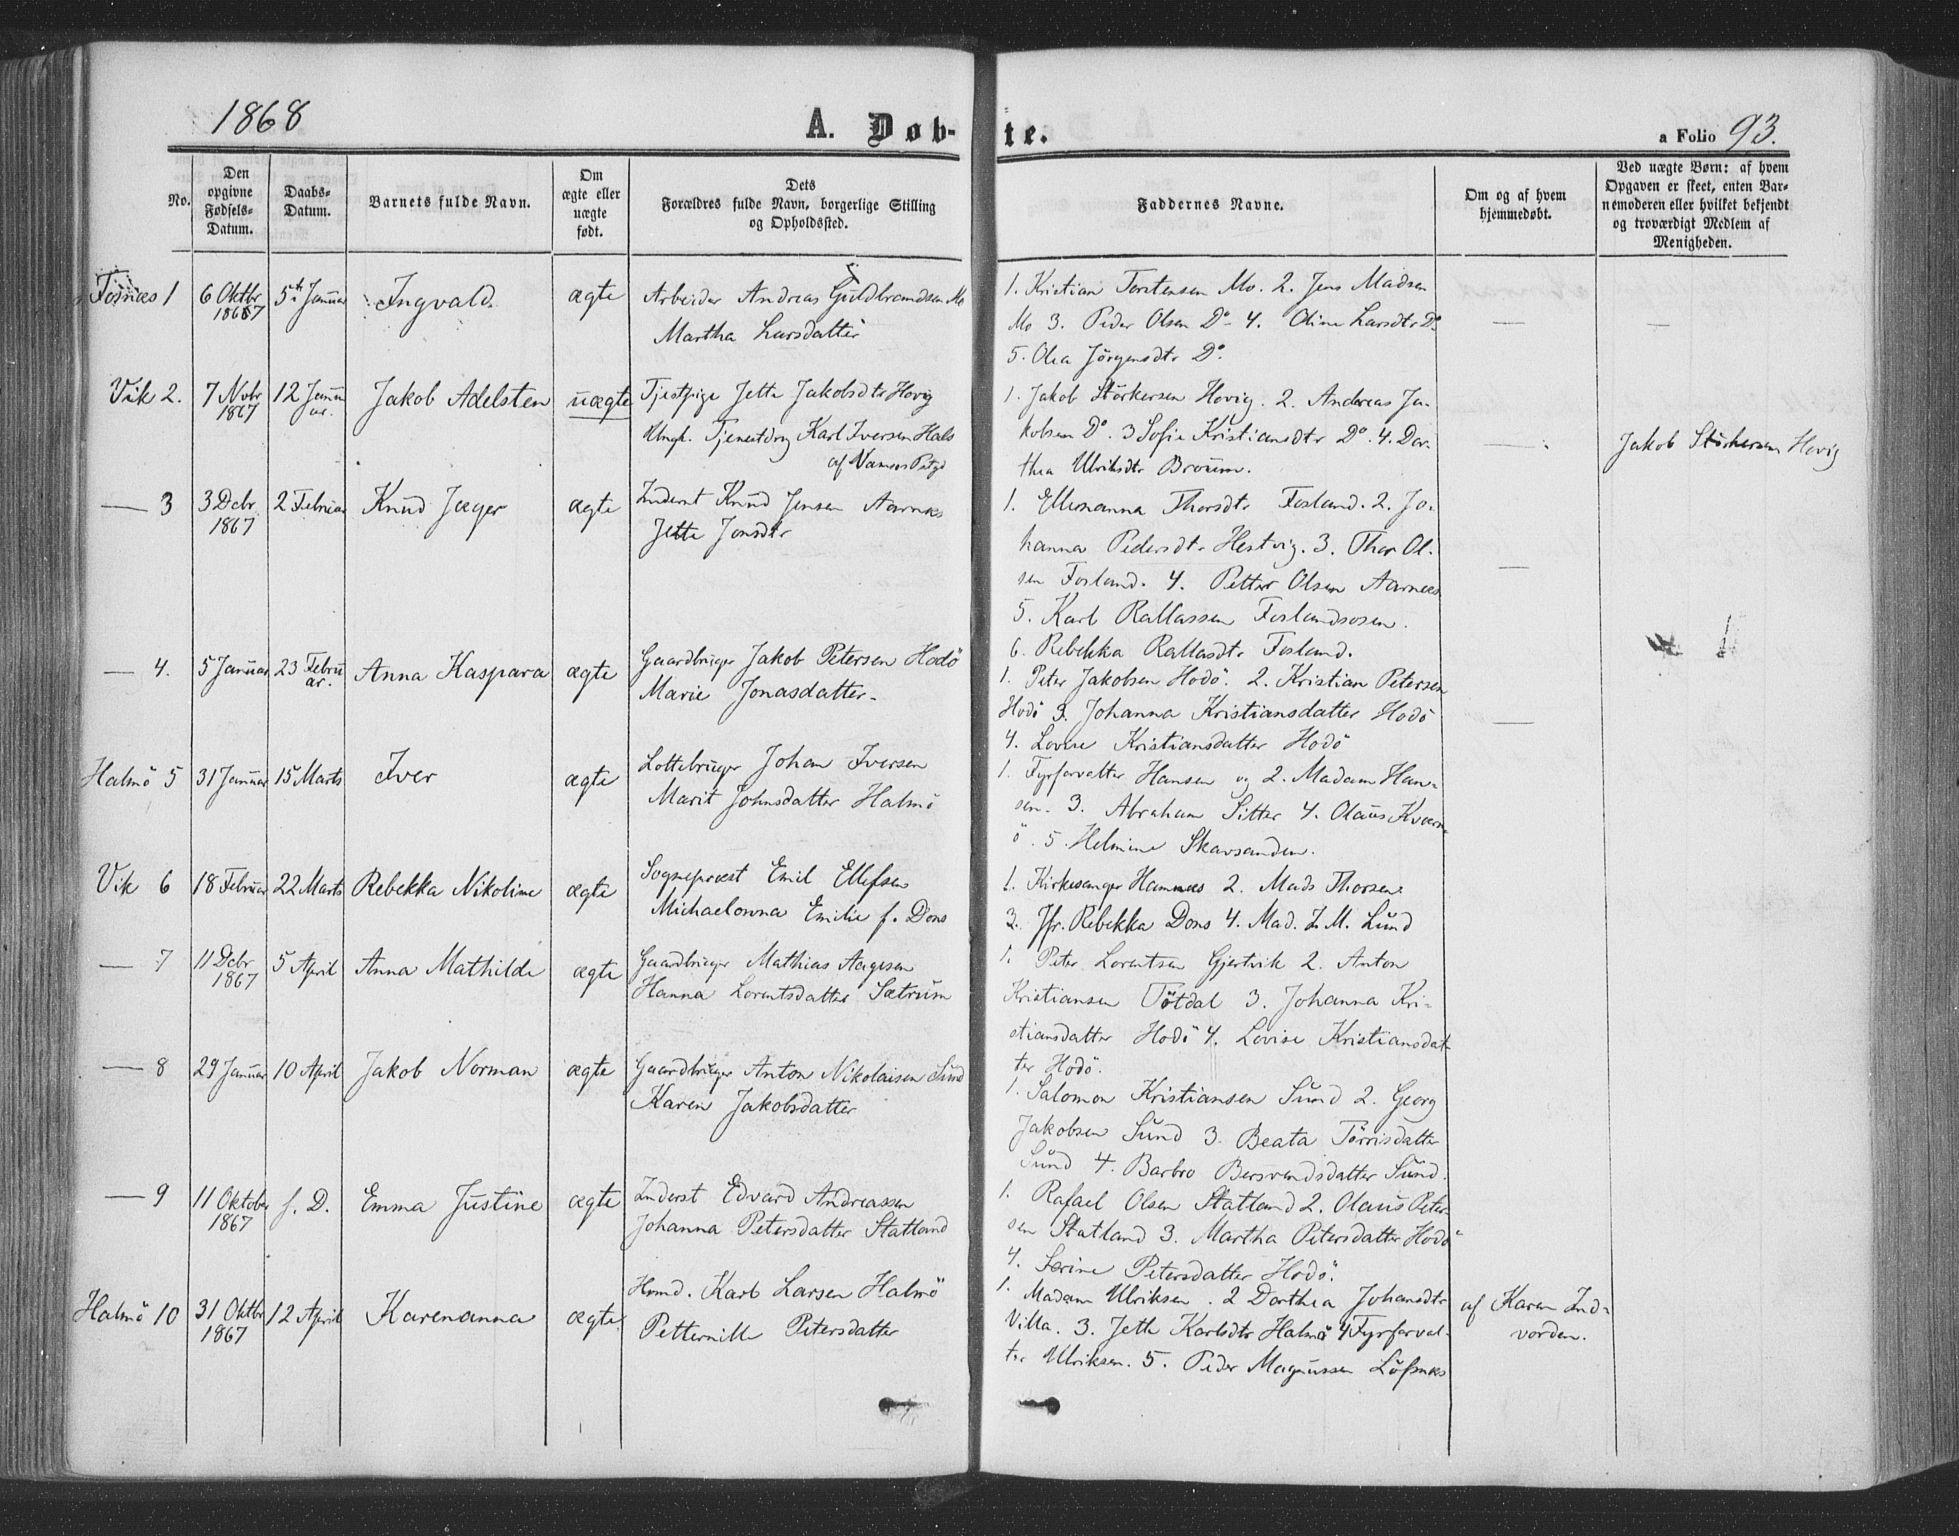 SAT, Ministerialprotokoller, klokkerbøker og fødselsregistre - Nord-Trøndelag, 773/L0615: Ministerialbok nr. 773A06, 1857-1870, s. 93